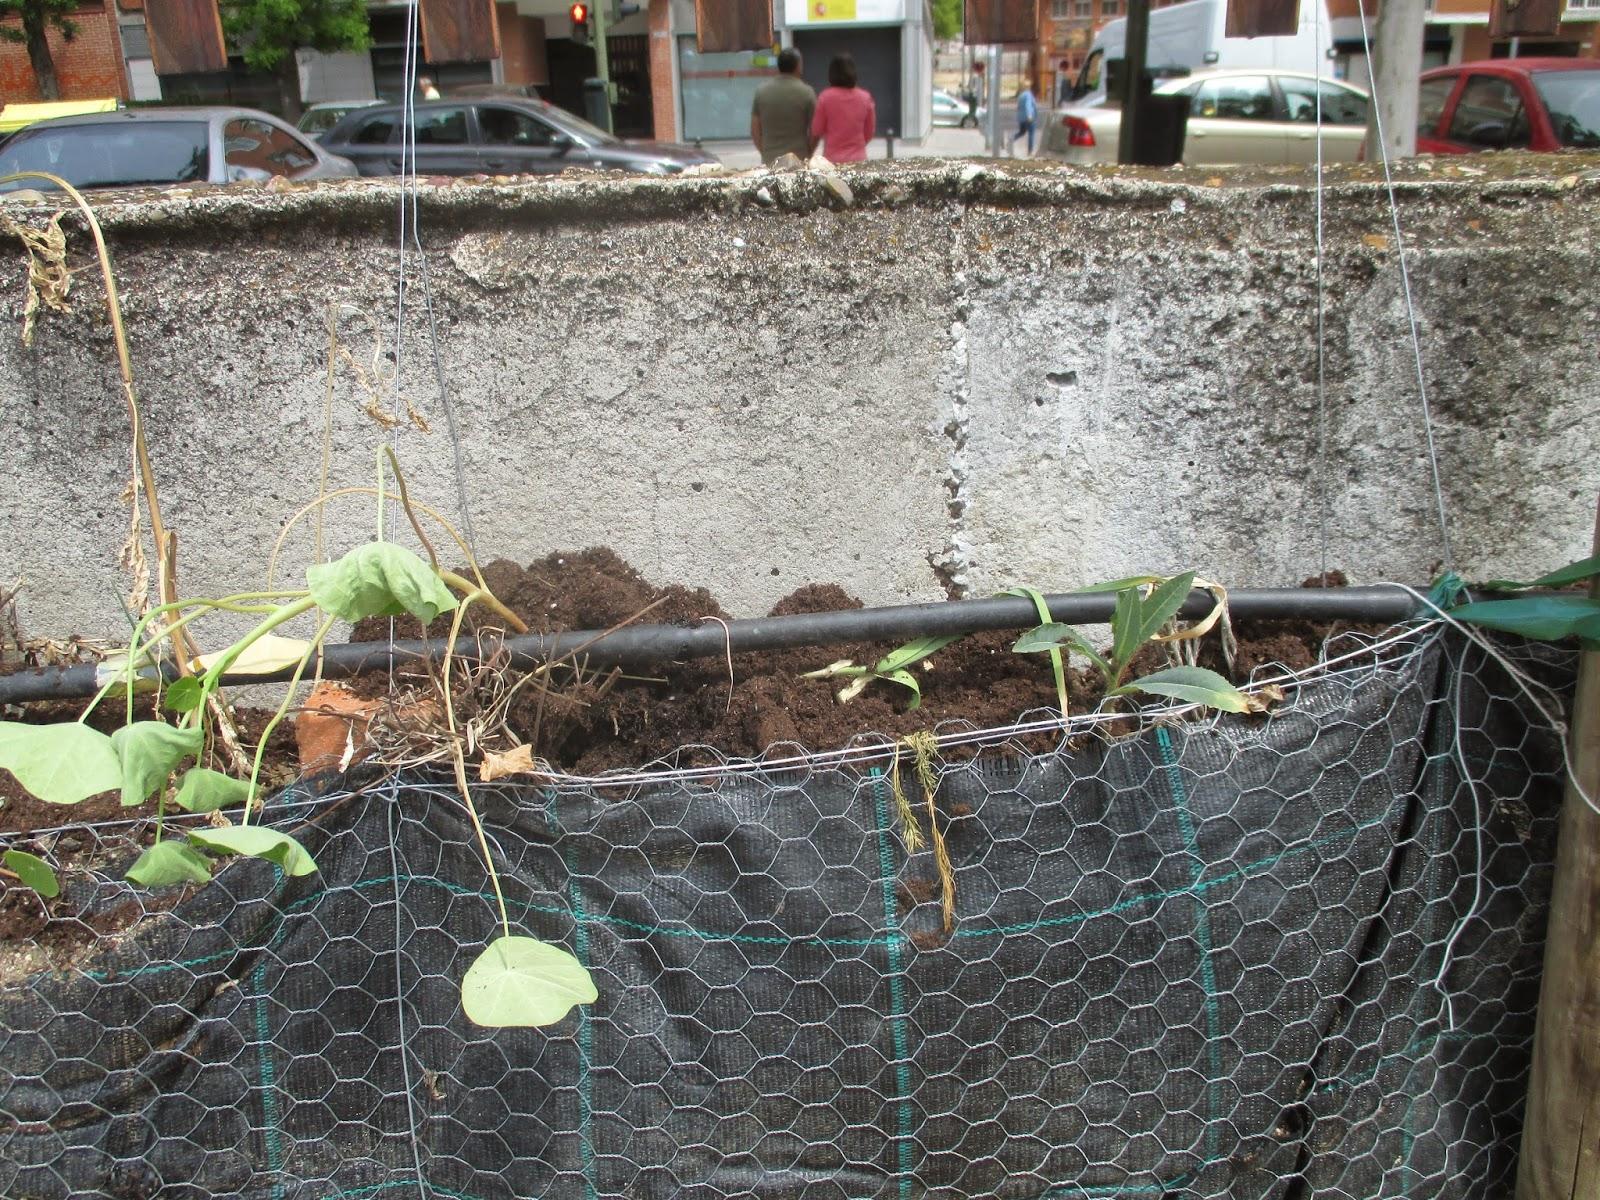 En torno al huerto huerto urbano - Plantas de huerto ...